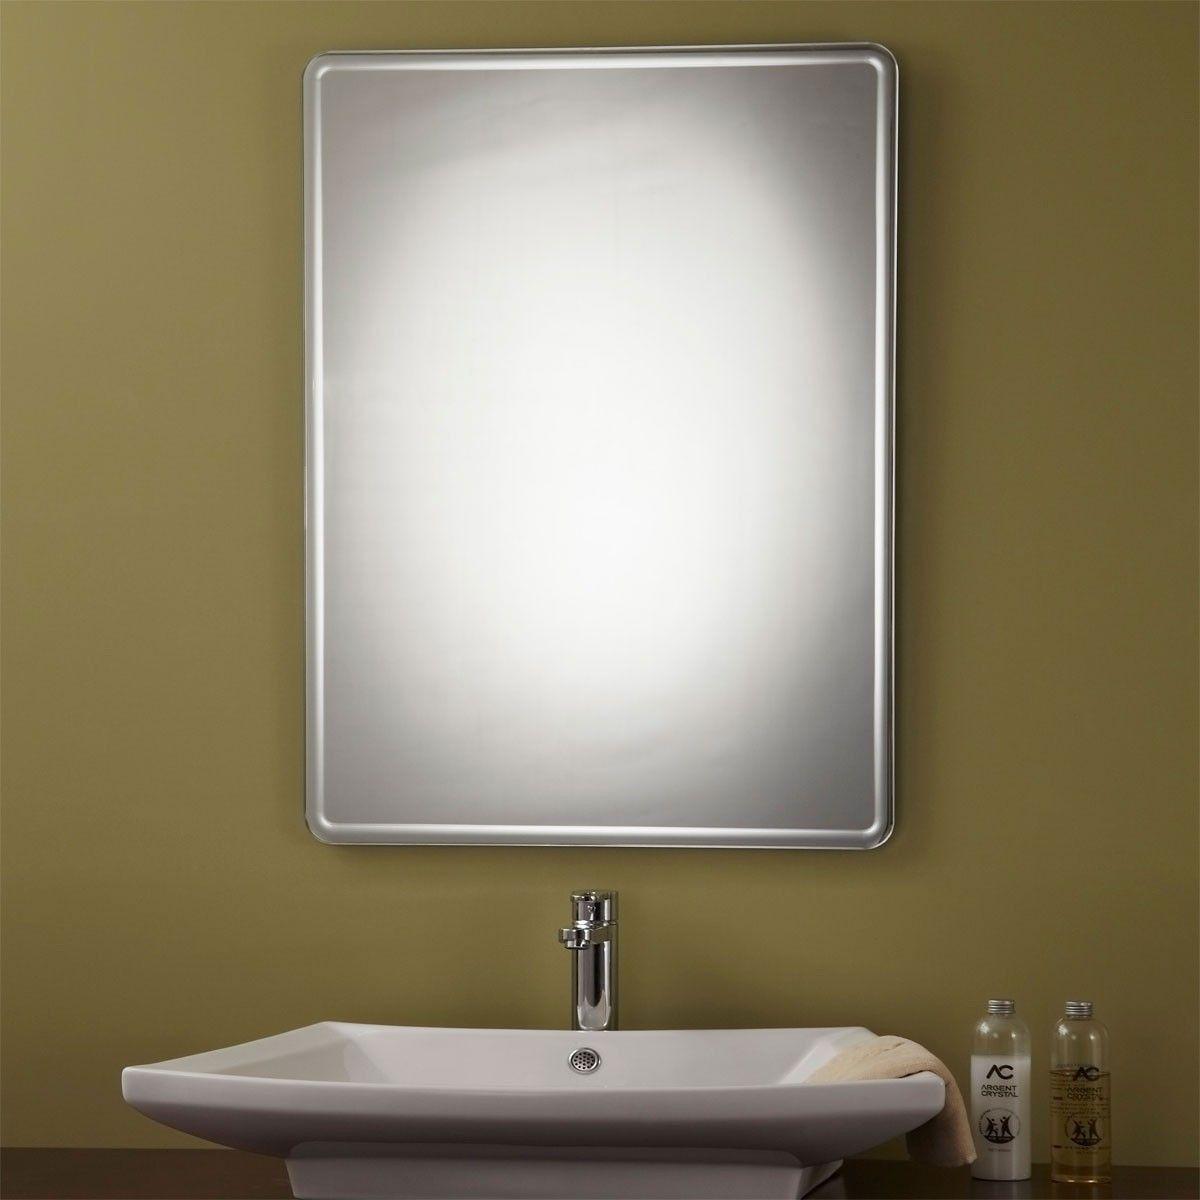 24 x 32 po Miroir Sans Cadre de Salle de Bains - Réversible et Bord Rond Poli (YJ-169H)